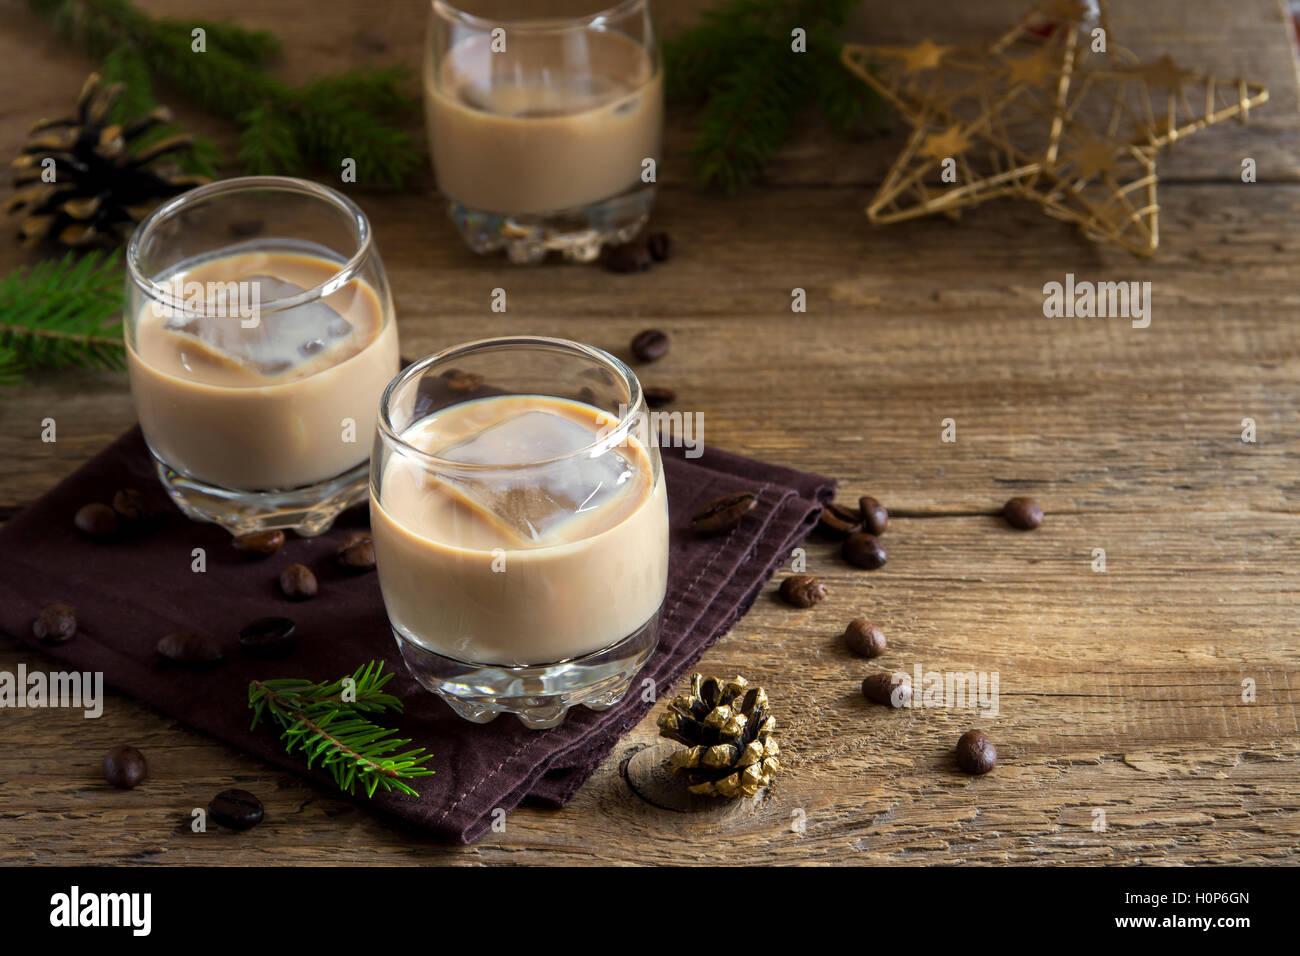 Irische Creme Kaffee-Likör mit Eis, Weihnachtsdekoration und Ornamente über rustikalen hölzernen Hintergrund - hausgemachte festliche trinken Stockfoto